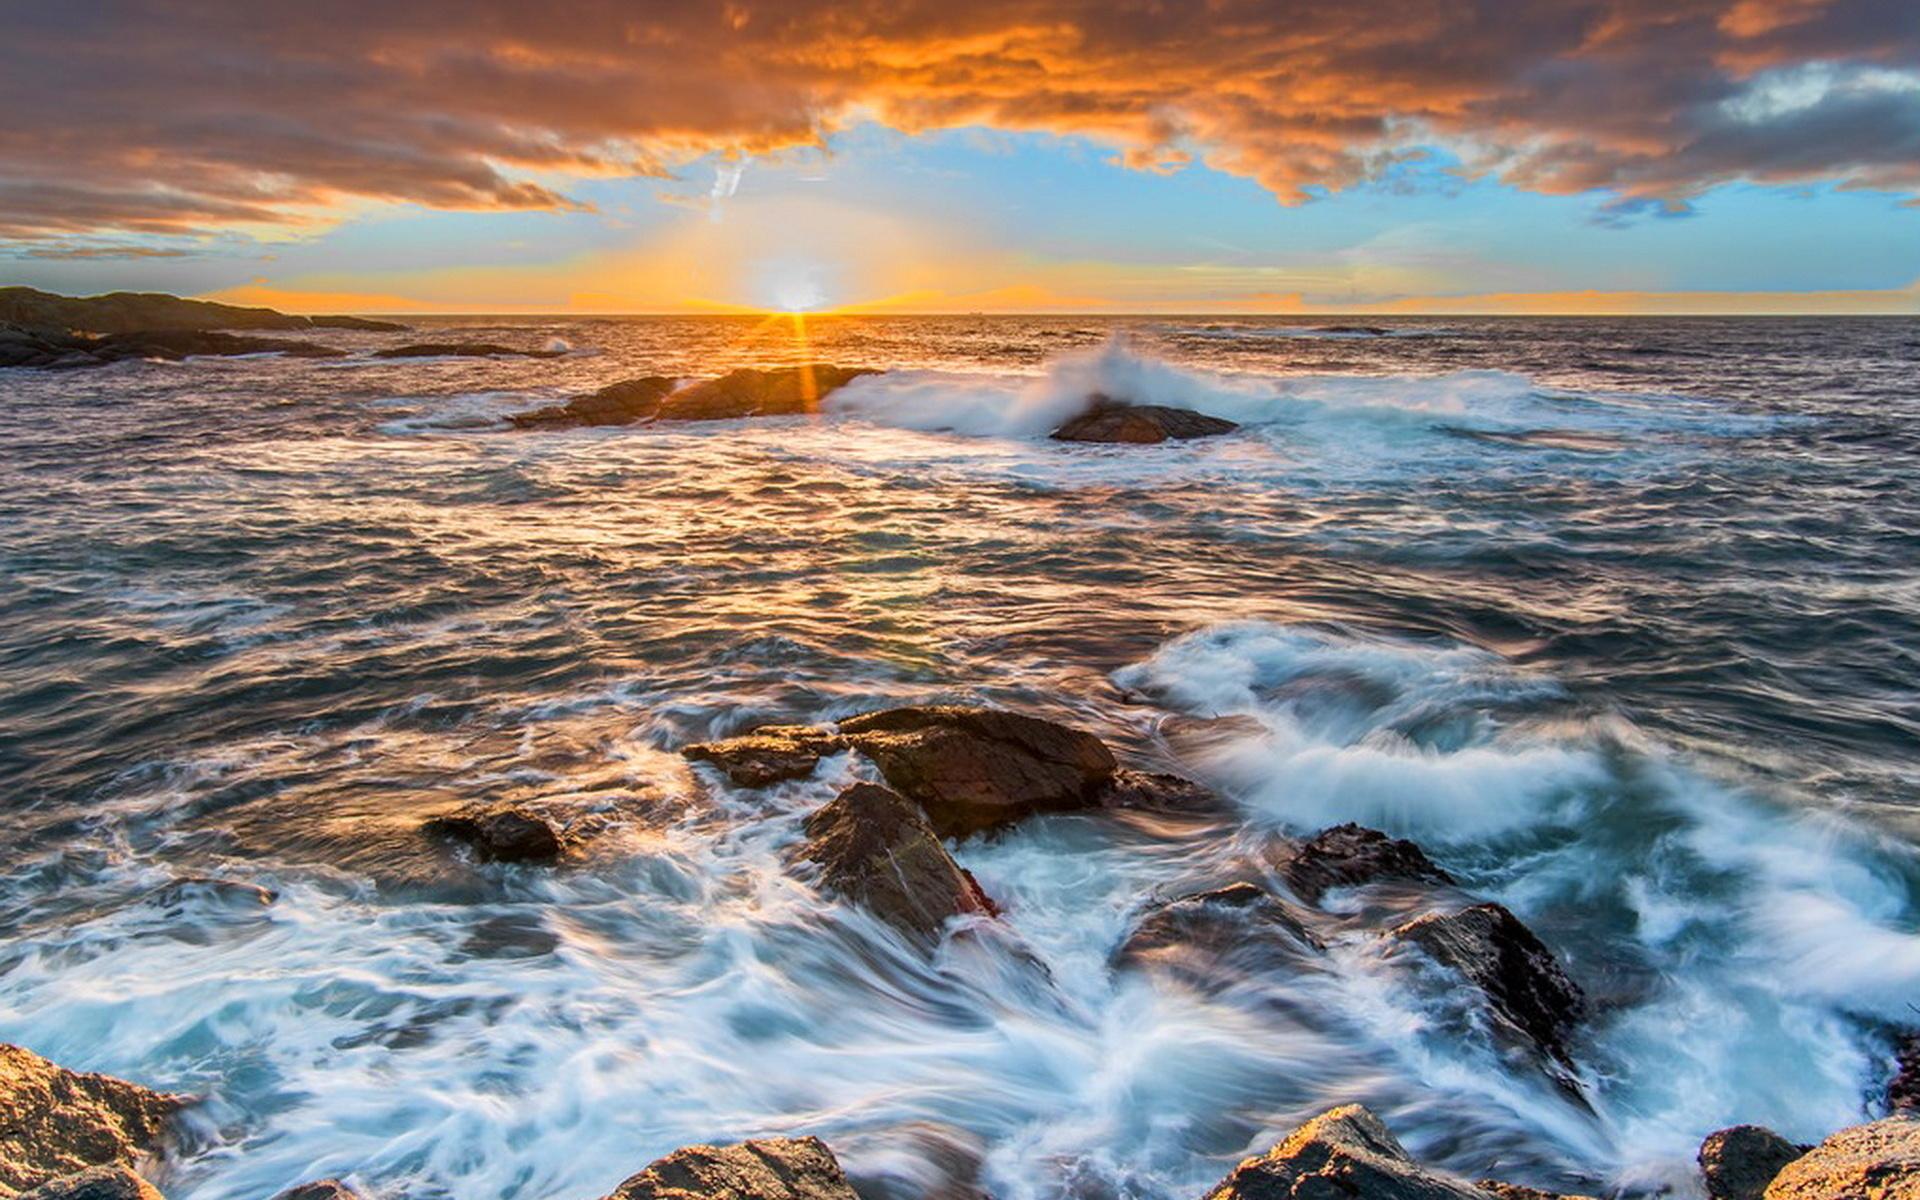 Картинка удивительная красота моря